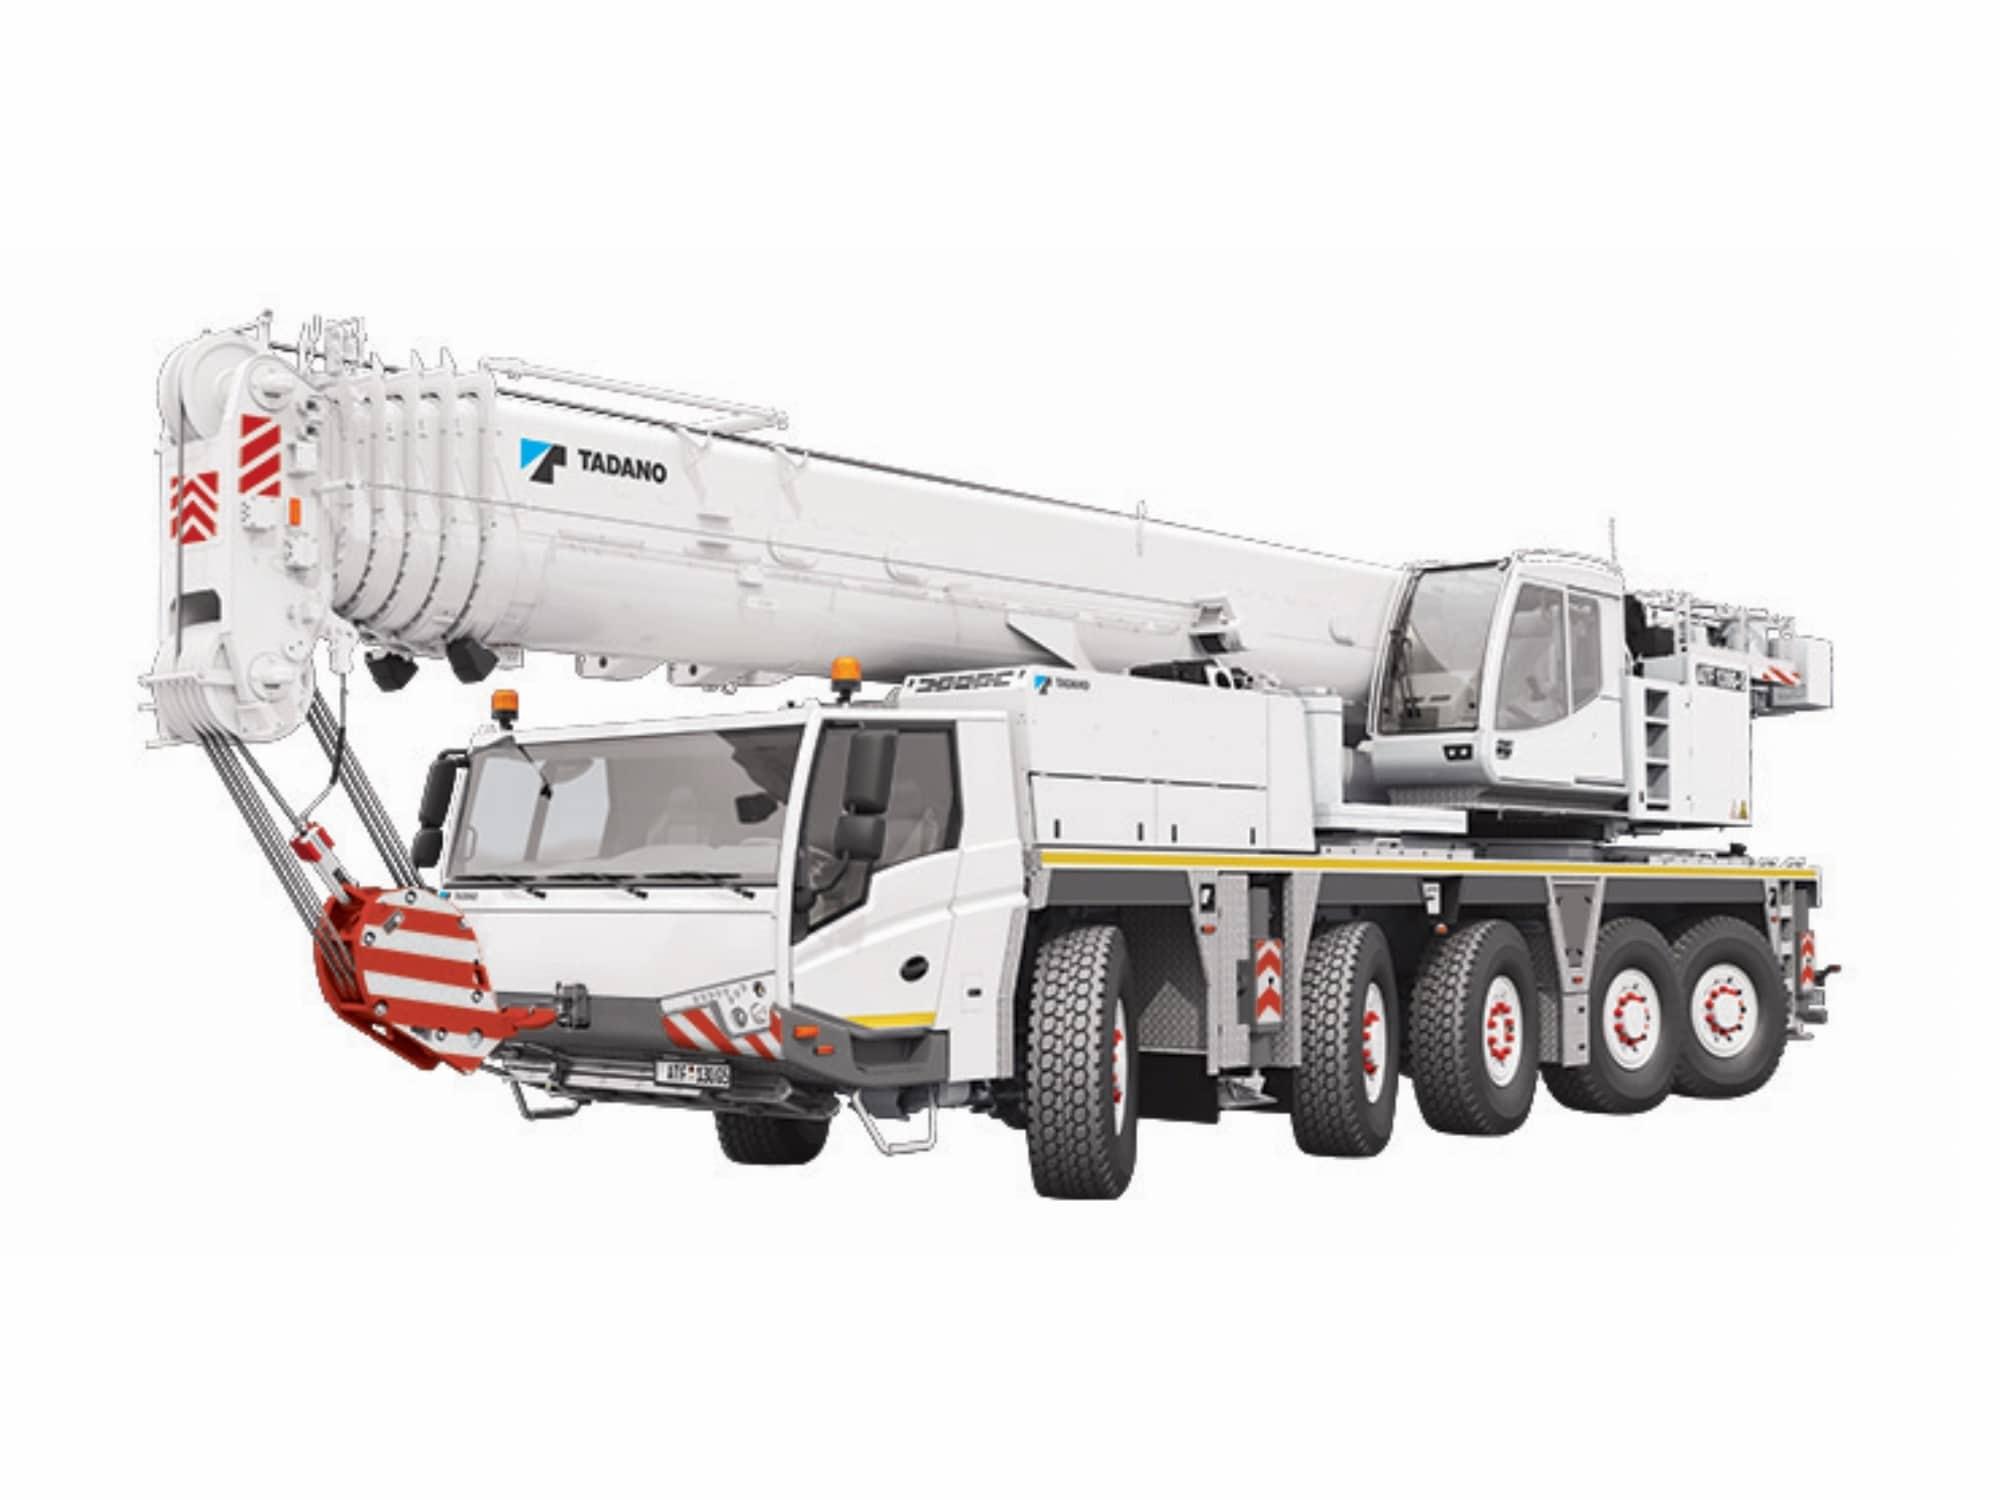 Rough Terrain Cranes | Cranes for Sale | Dozier Crane & Machinery Co